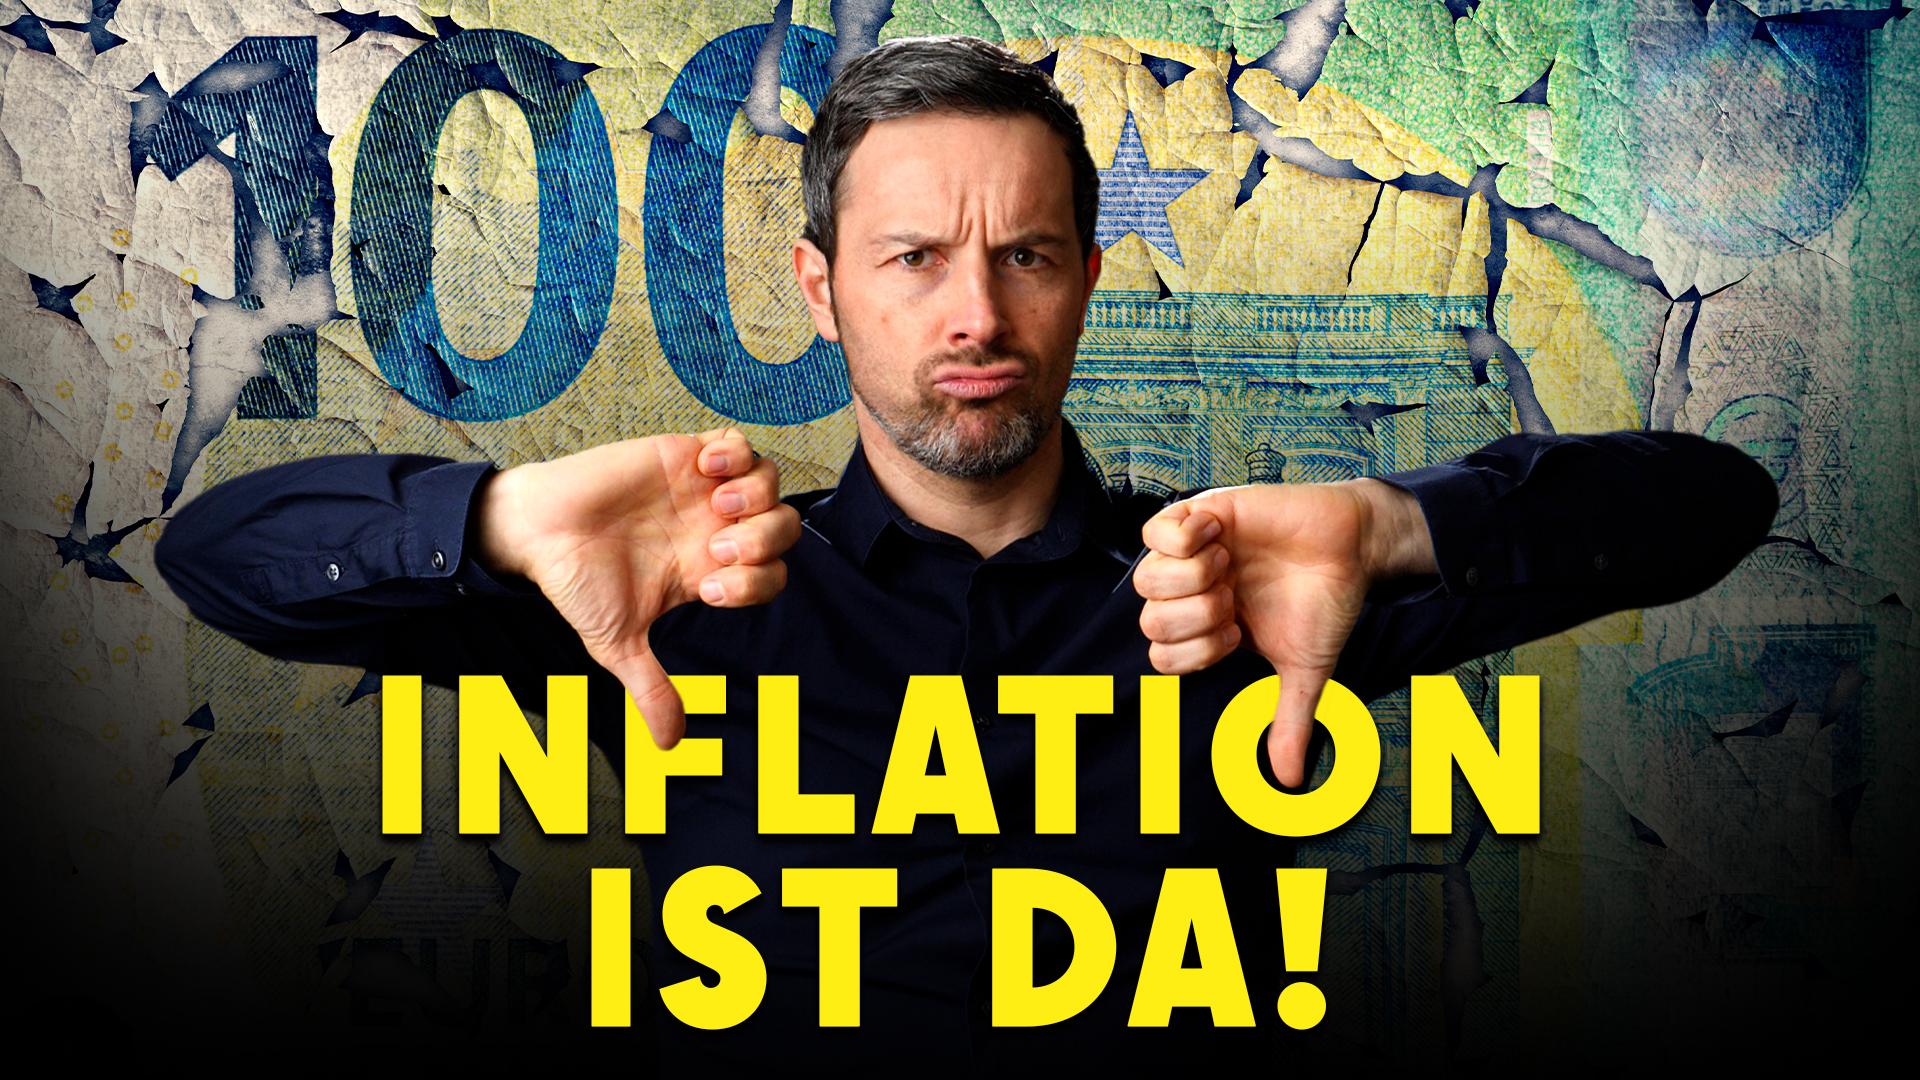 YouTube: SCHUTZ vor Inflation! (Enteignung geht weiter...)